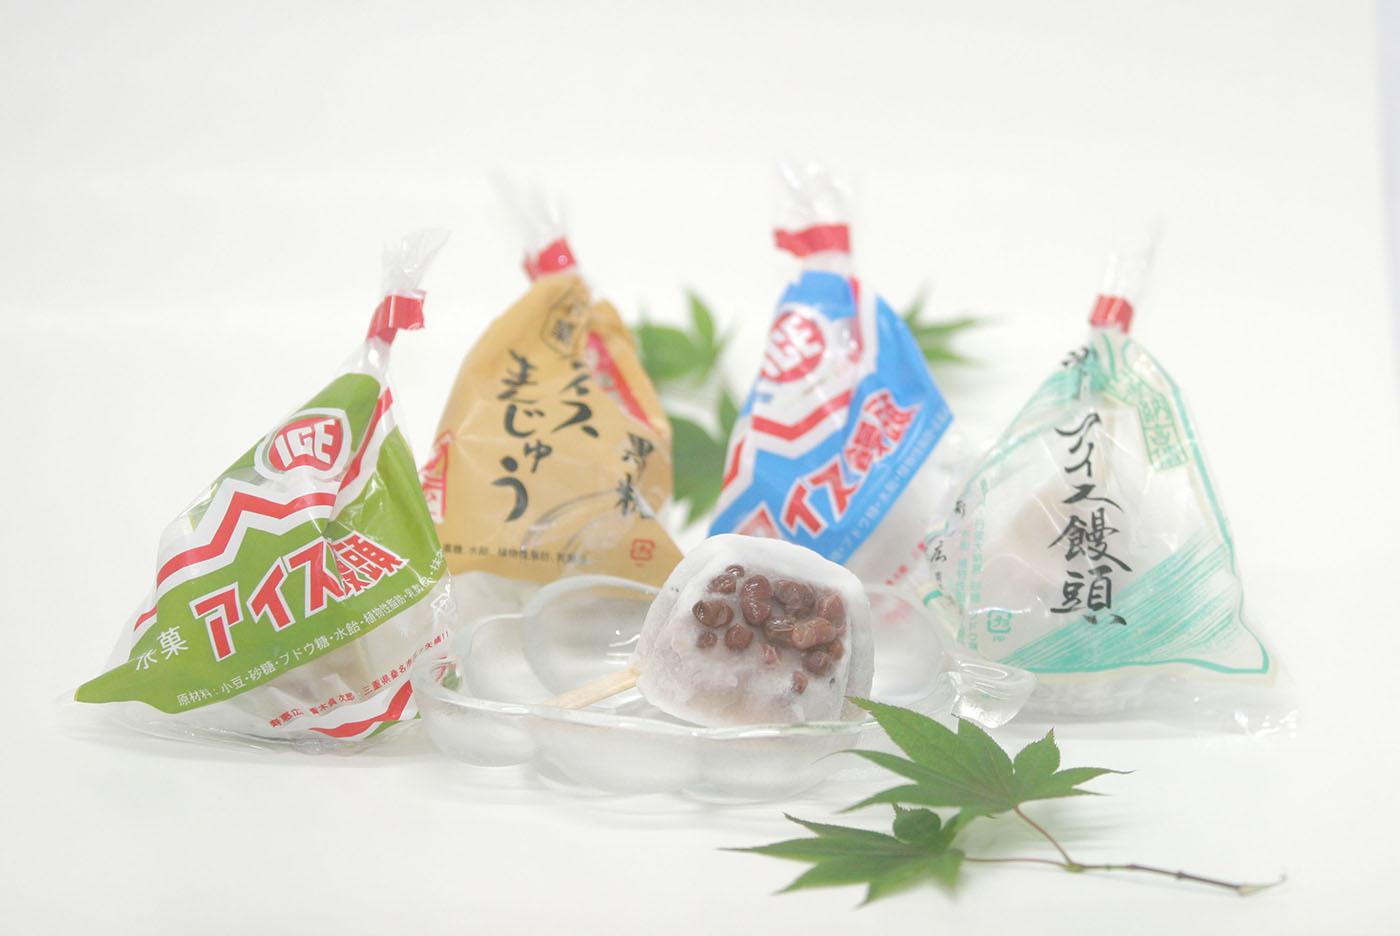 アイス饅頭詰め合わせAセット(8本)